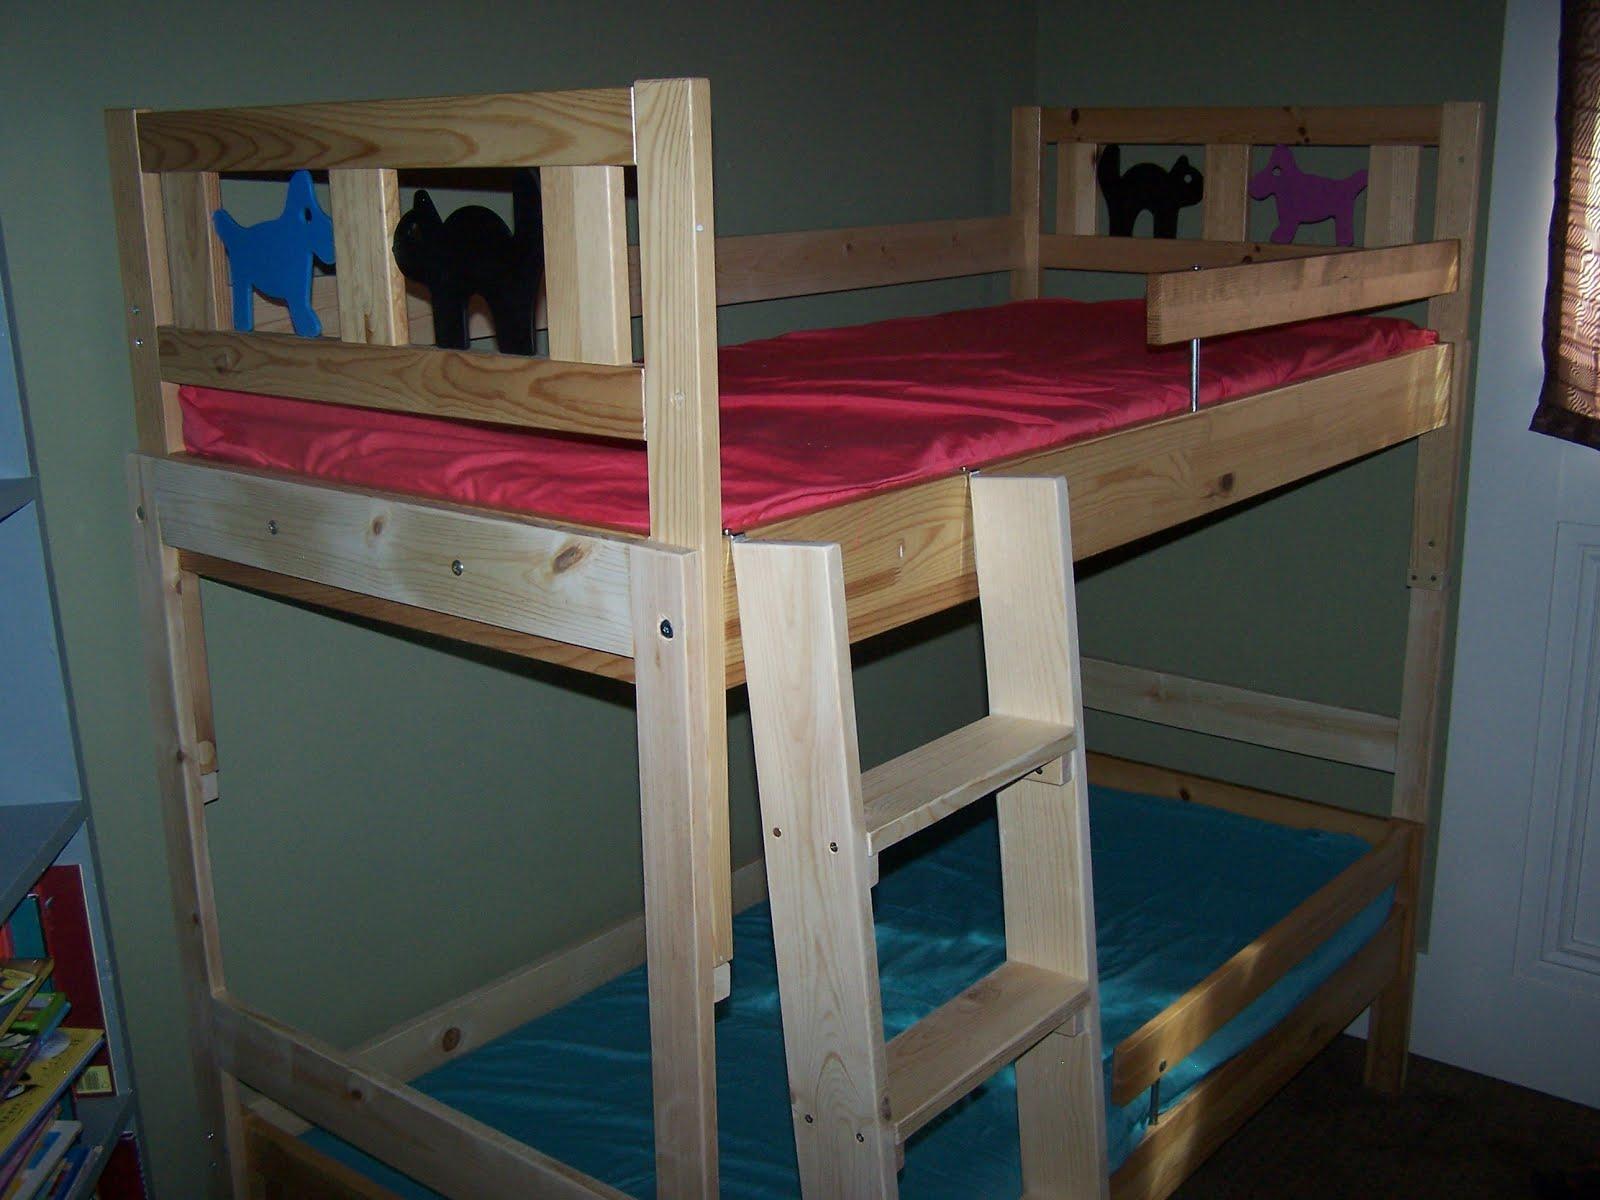 toddler bed rail for ikea bed. Black Bedroom Furniture Sets. Home Design Ideas